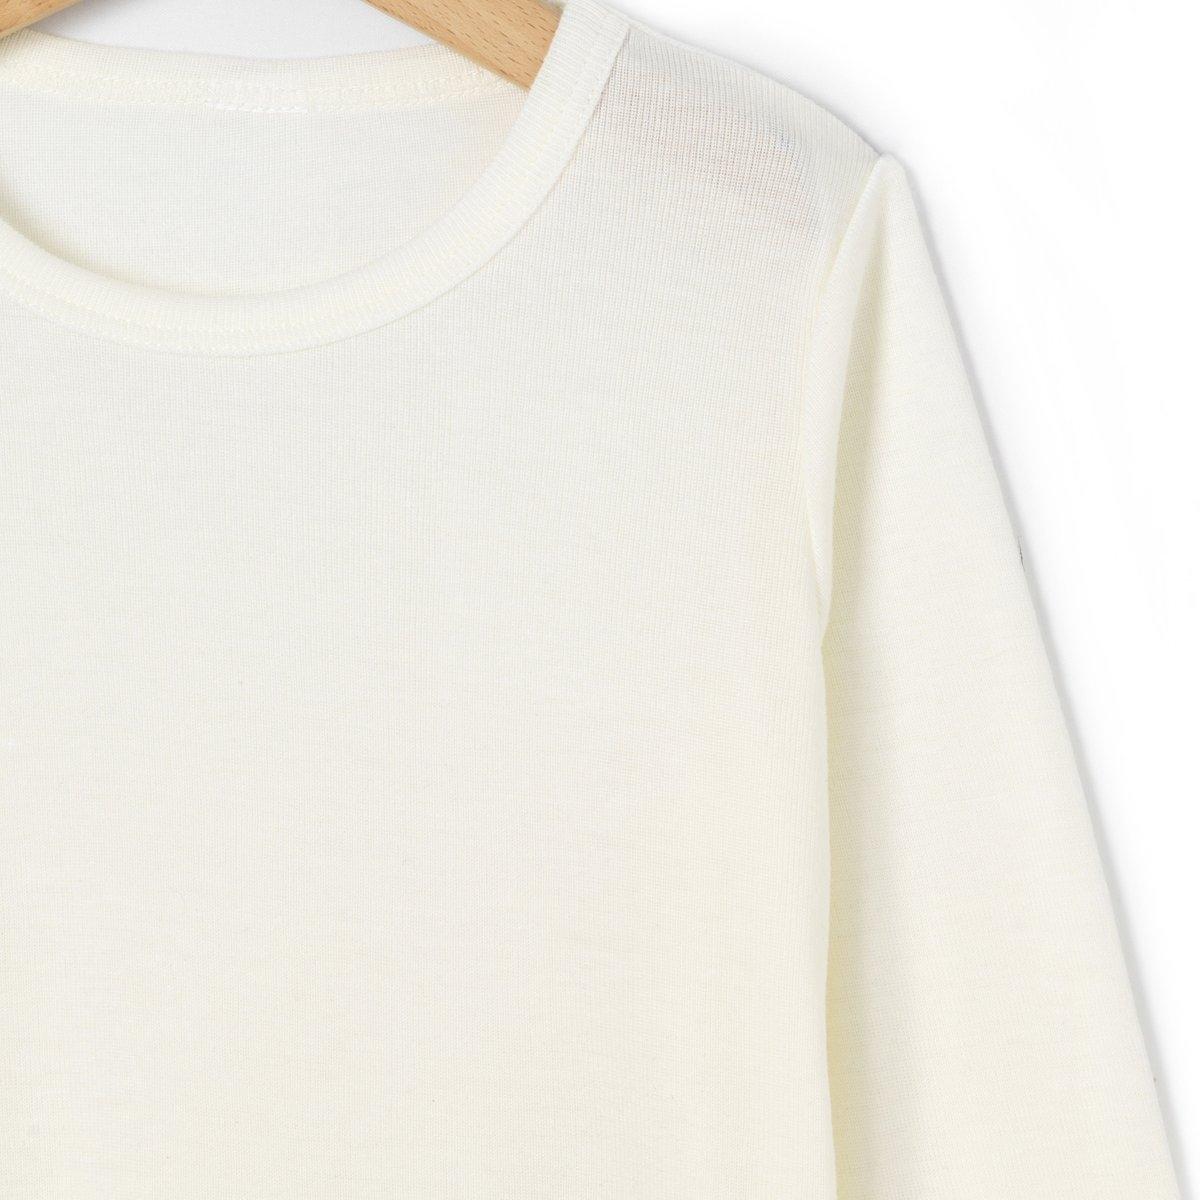 Теплая футболка с длинными рукавами, 2-12 летФутболка из специального теплого трикотажа, 85% вискозы, 15% шерсти. Длинные рукава. Круглый вырез.<br><br>Цвет: белый<br>Размер: 4/5 лет - 102/108 см